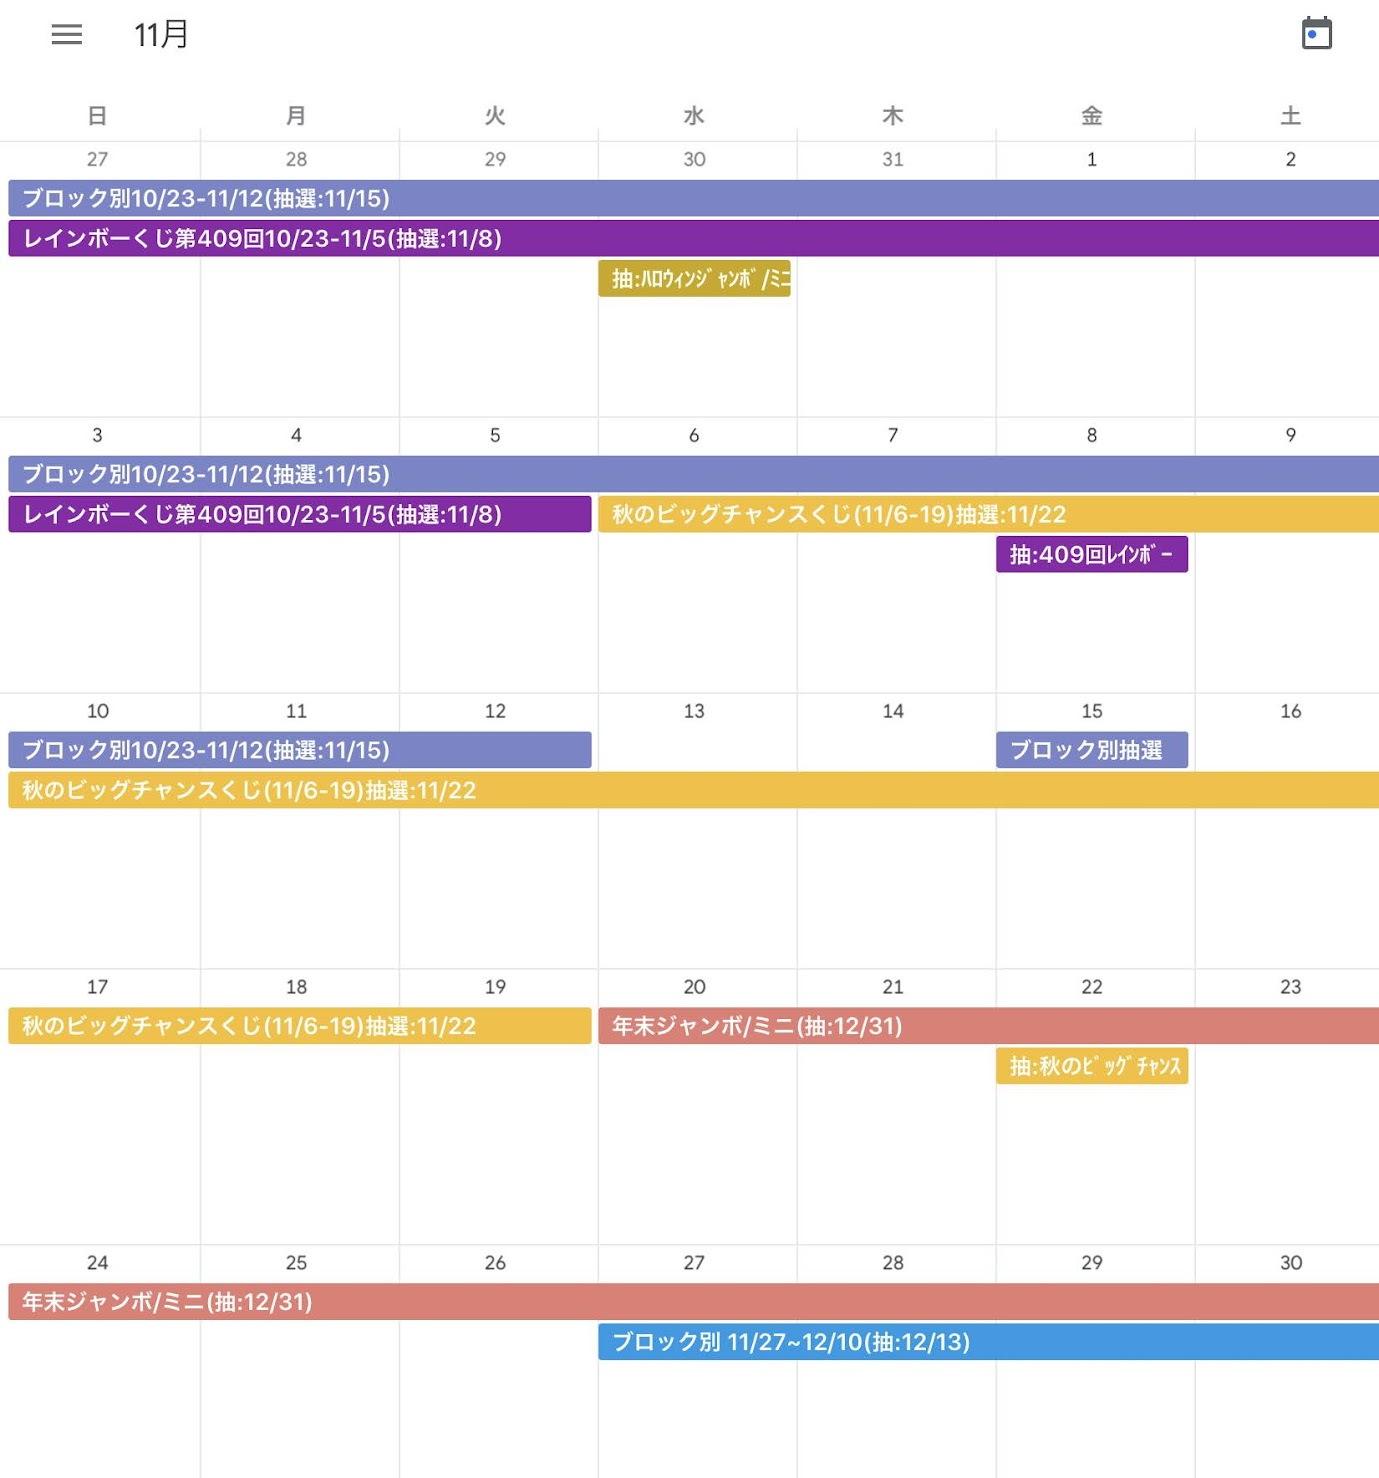 2019年11月 宝くじ発売日・抽選日カレンダー